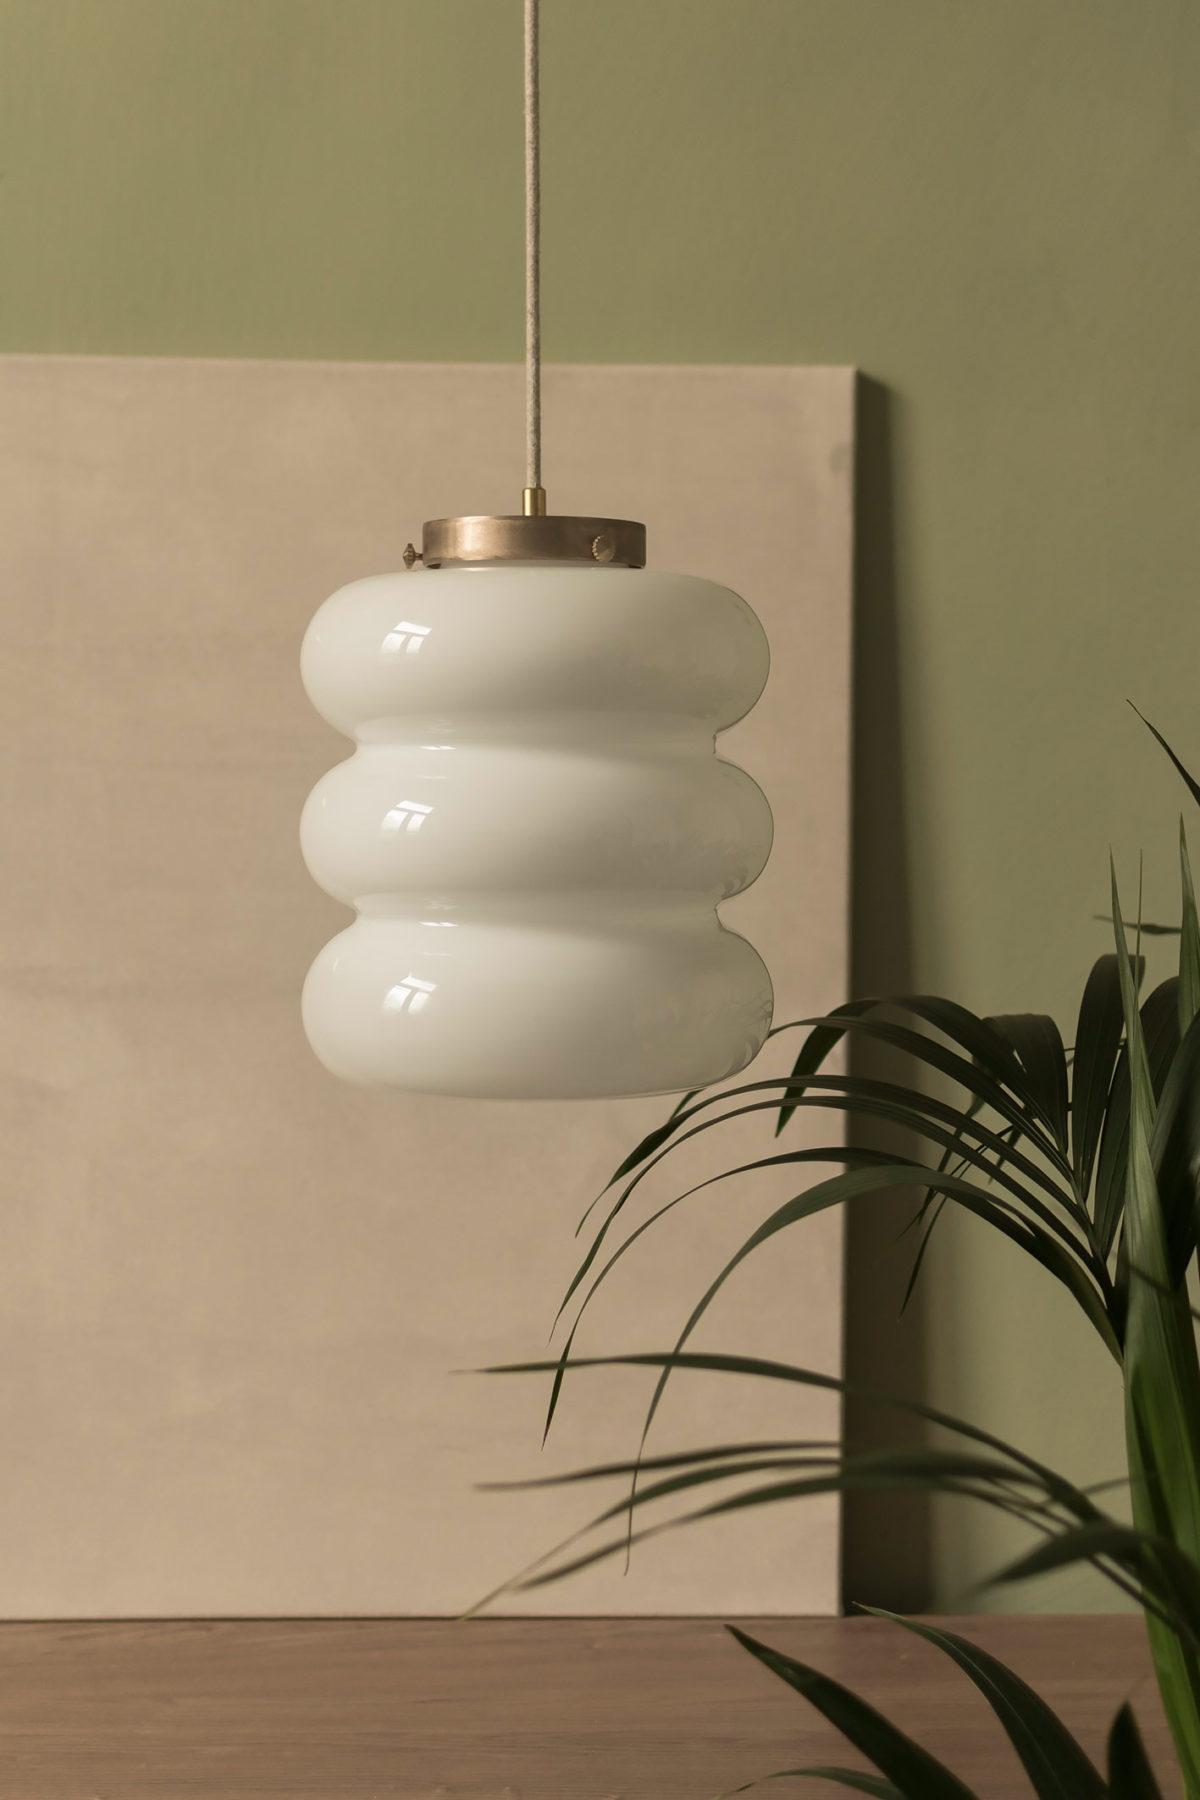 lampa Bibe z kloszem z ręcznei dmuchanego szkła mlecznego 4